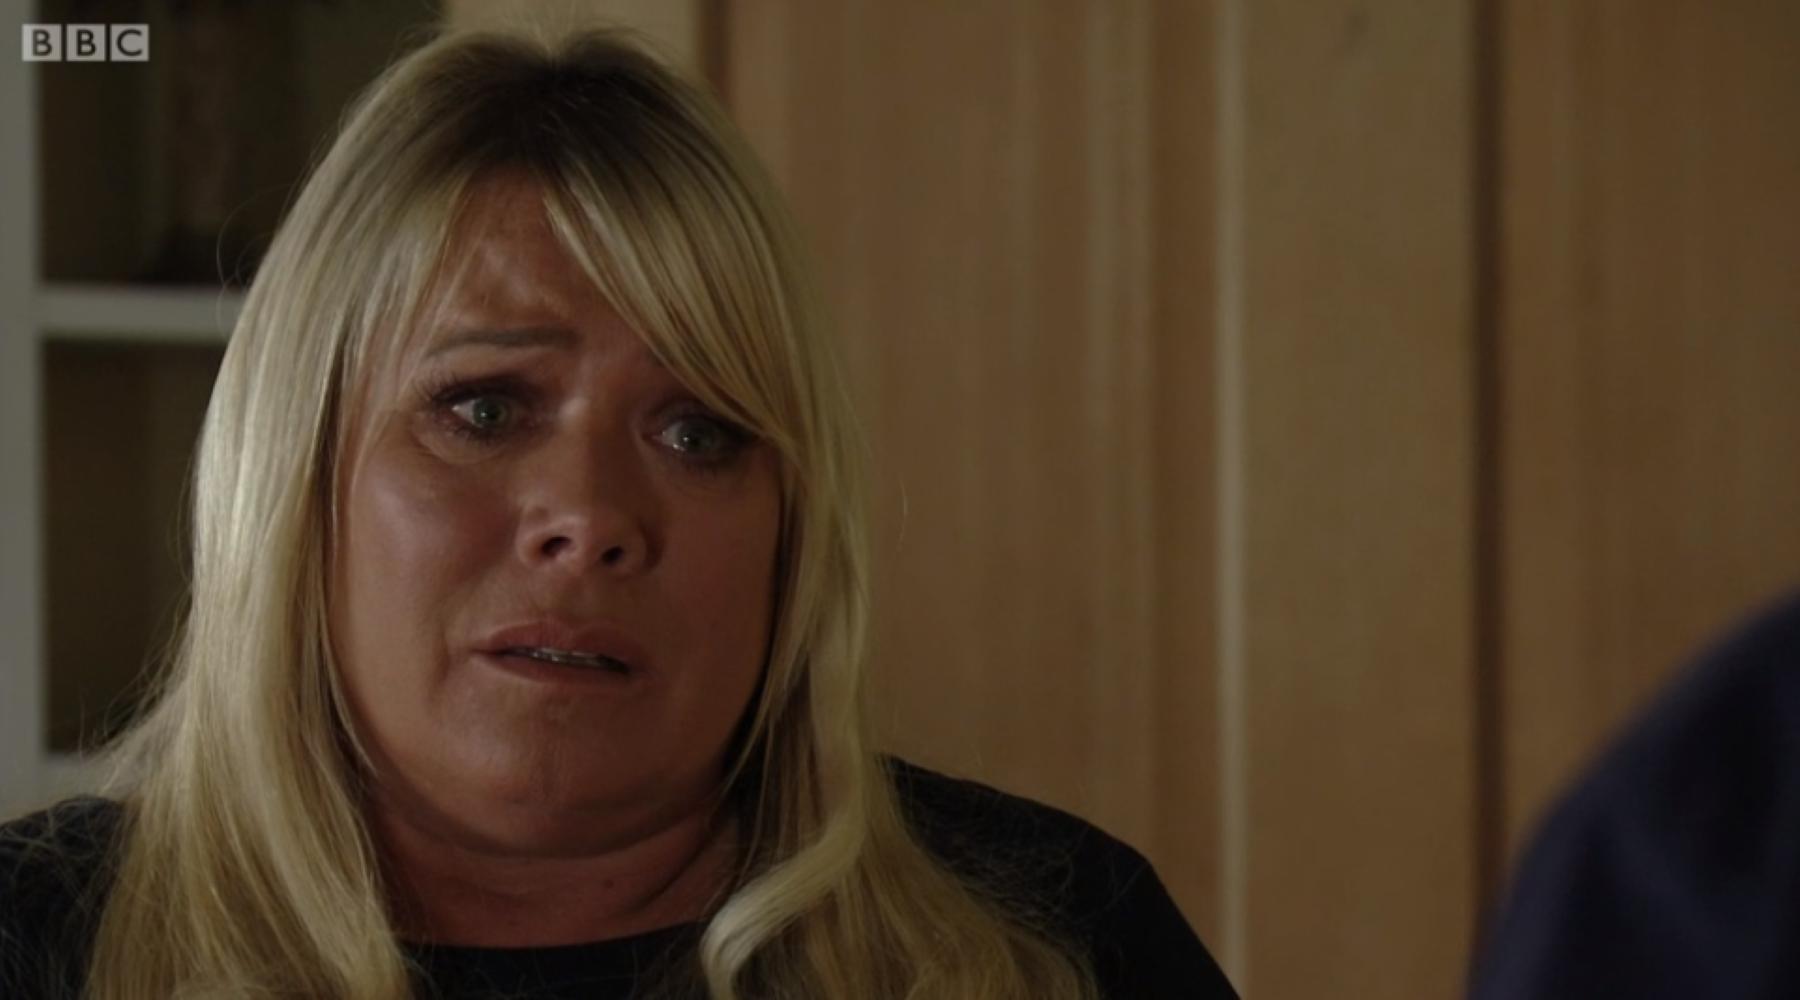 Leticia Dean plays Sharon